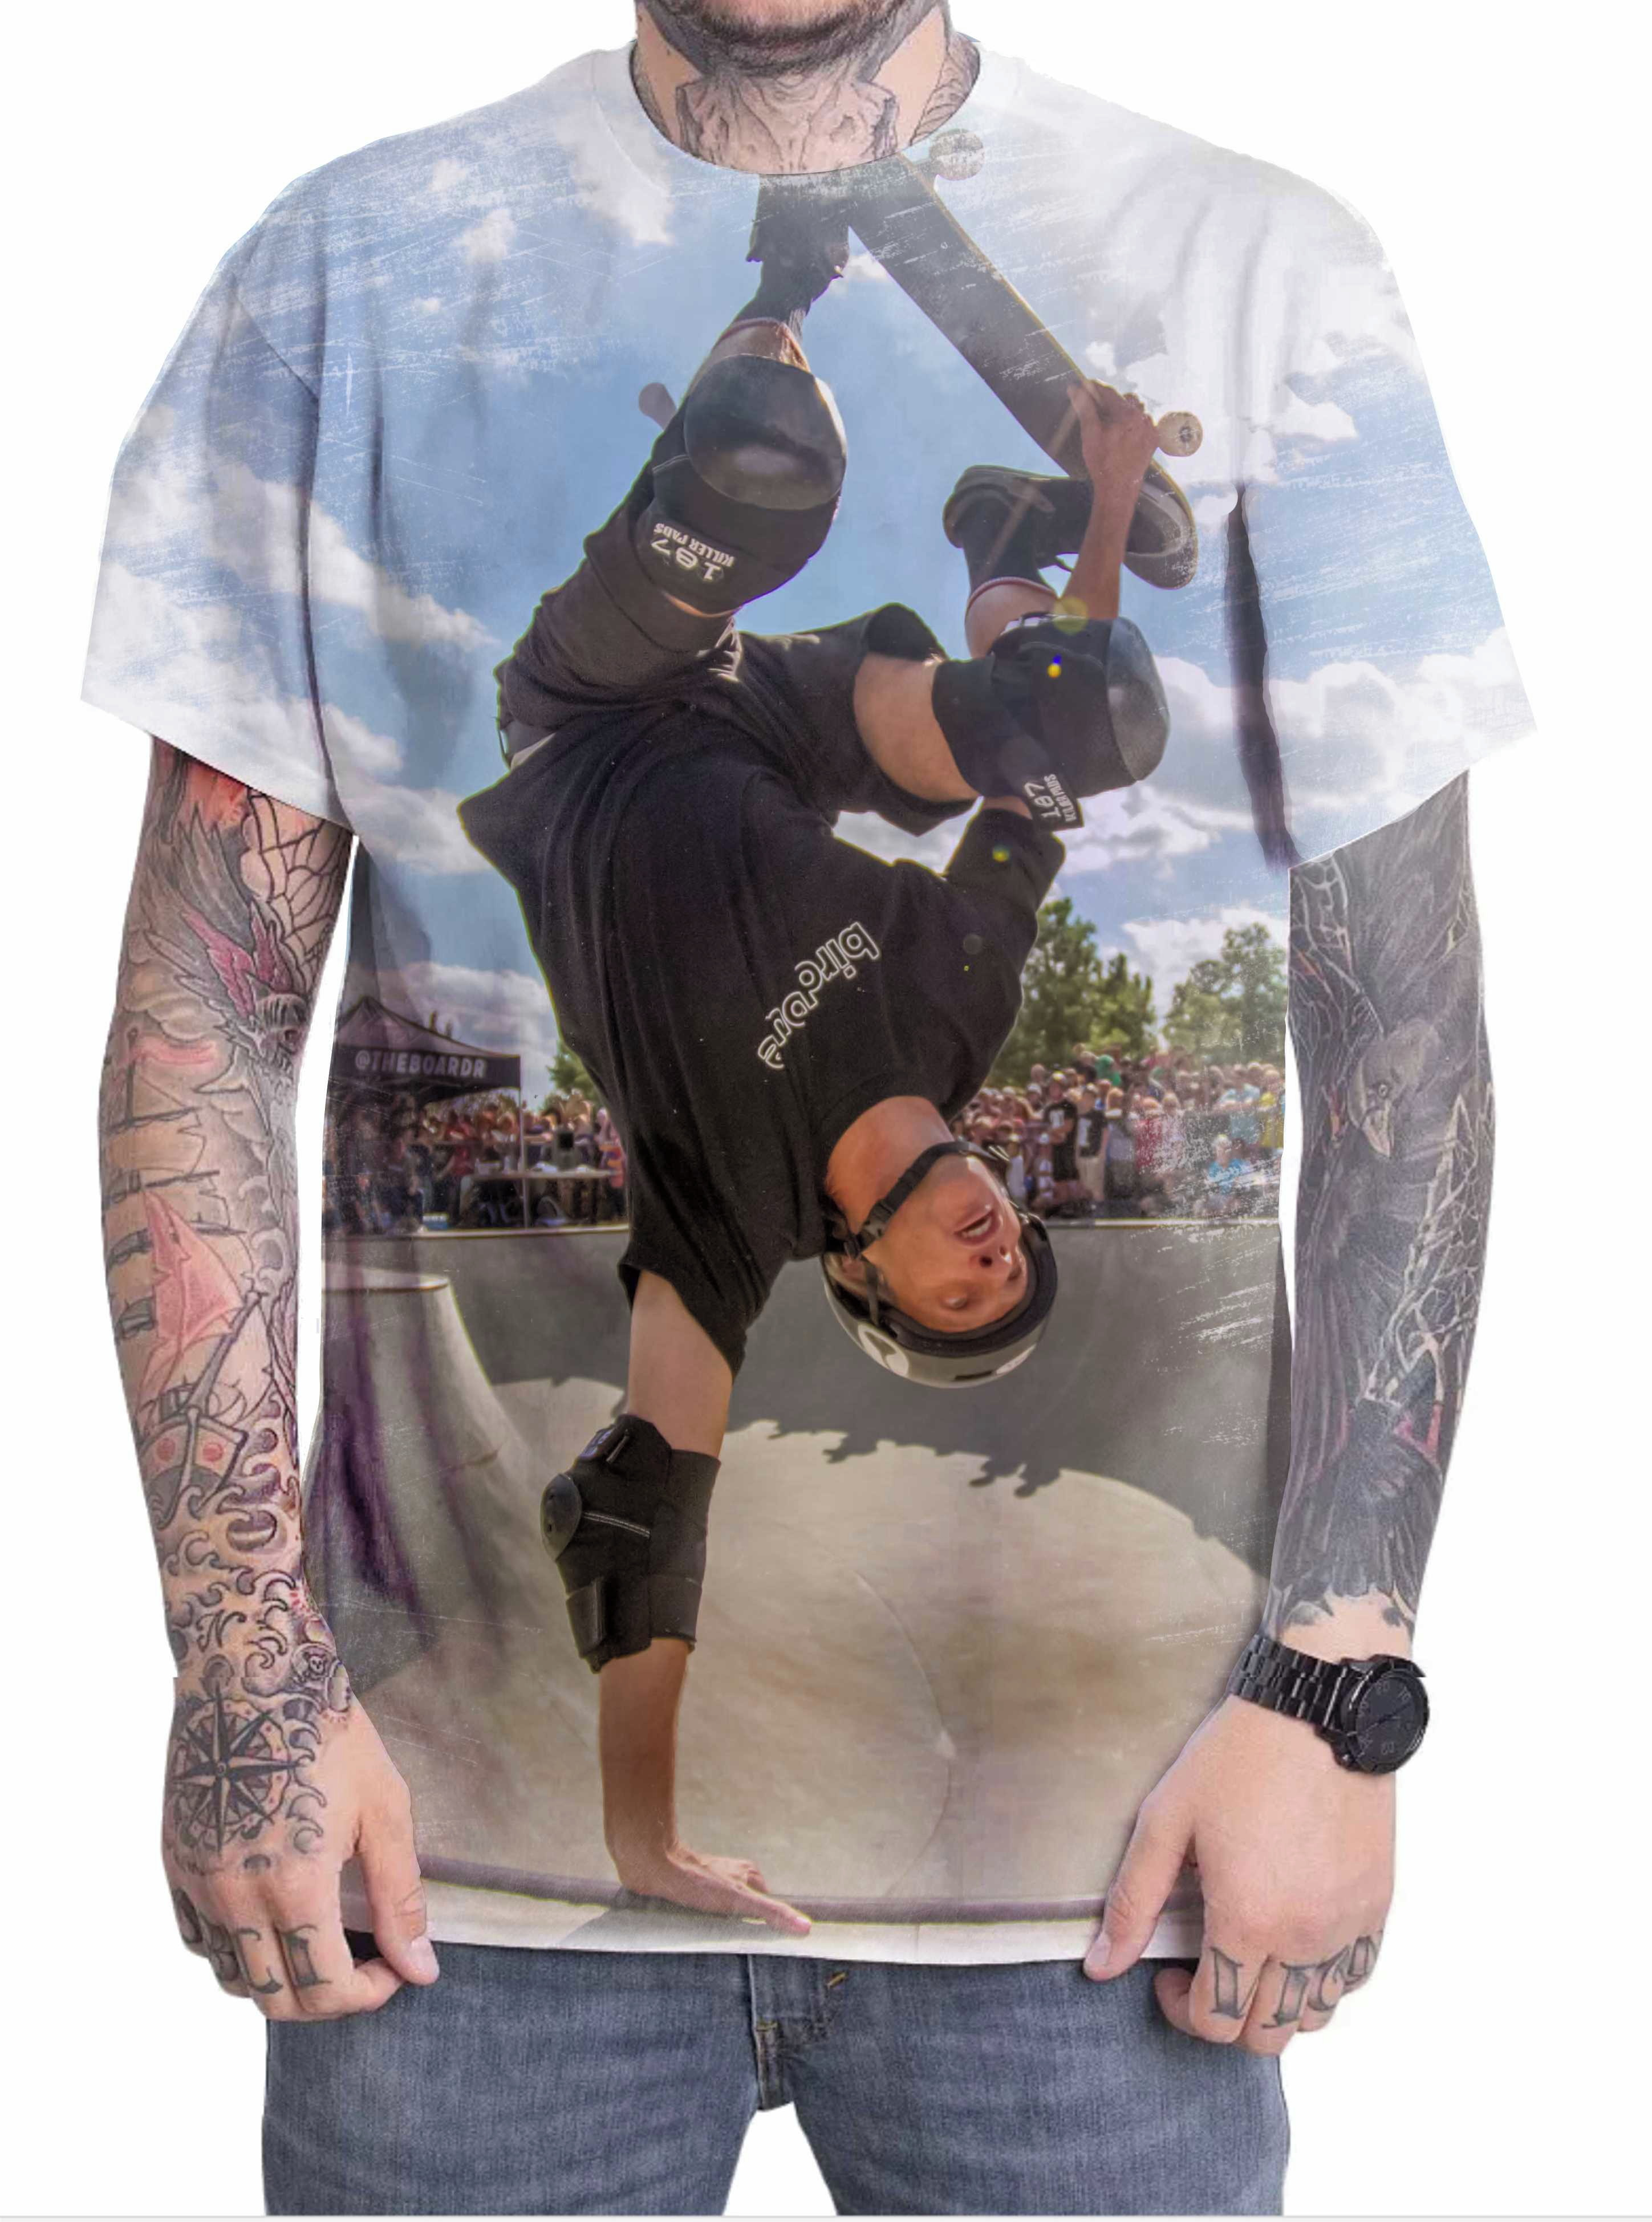 222e2727d68 Camiseta Camisa Personalizada Jogador Michael Jordan 09 no Elo7 ...